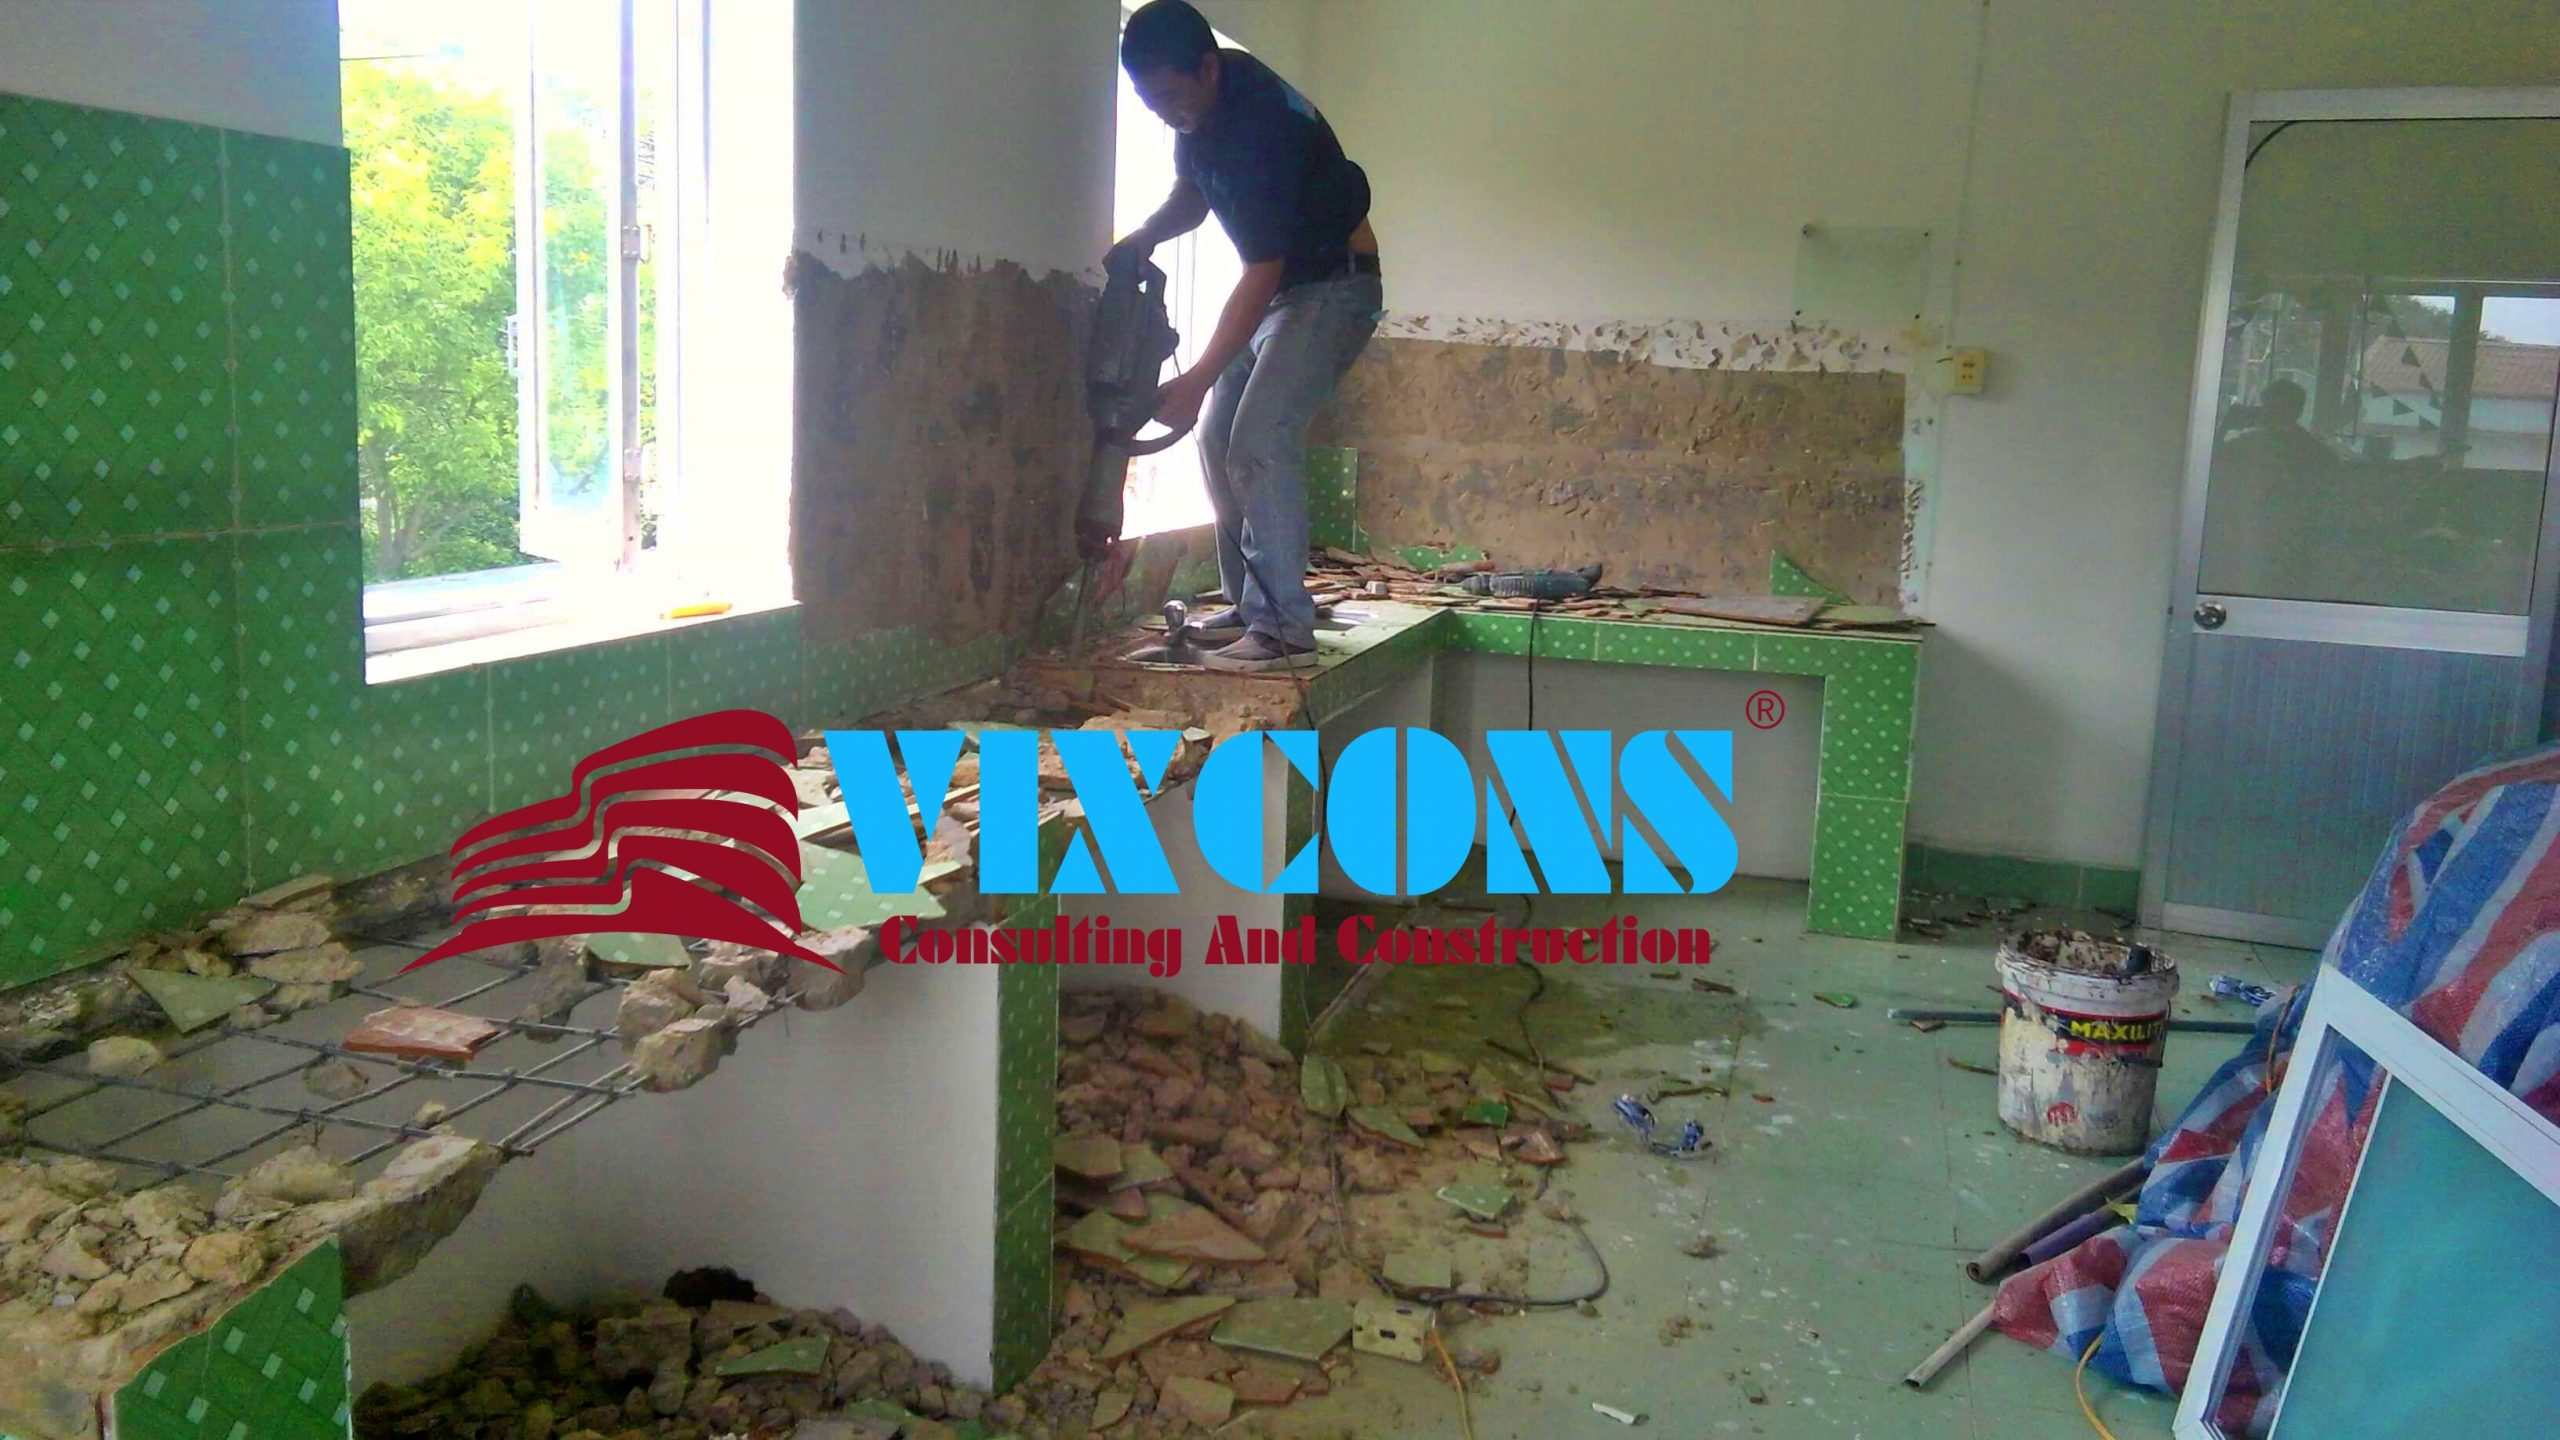 Báo giá sửa chữa nhà tại Quận 5 - Chúng tôi nhận sửa chữa tất cả các hạng mục theo yêu cầu của quý khách hàng